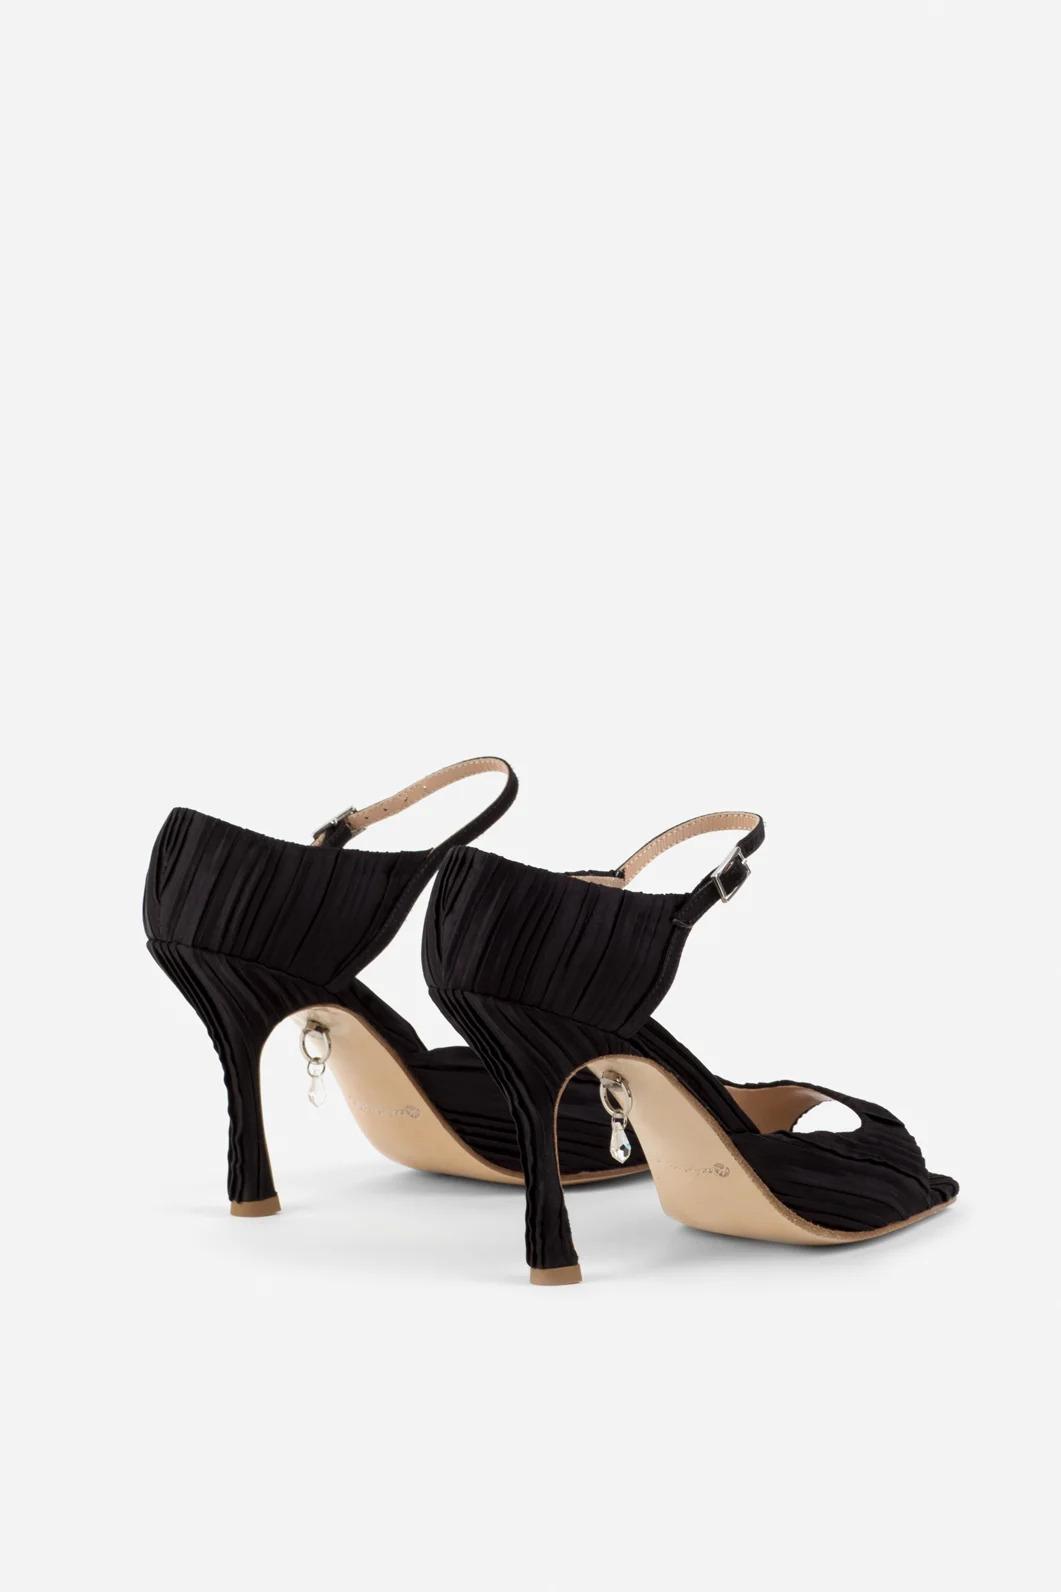 Тина Кароль выпустила коллекцию обуви - сколько стоят босоножки от певицы